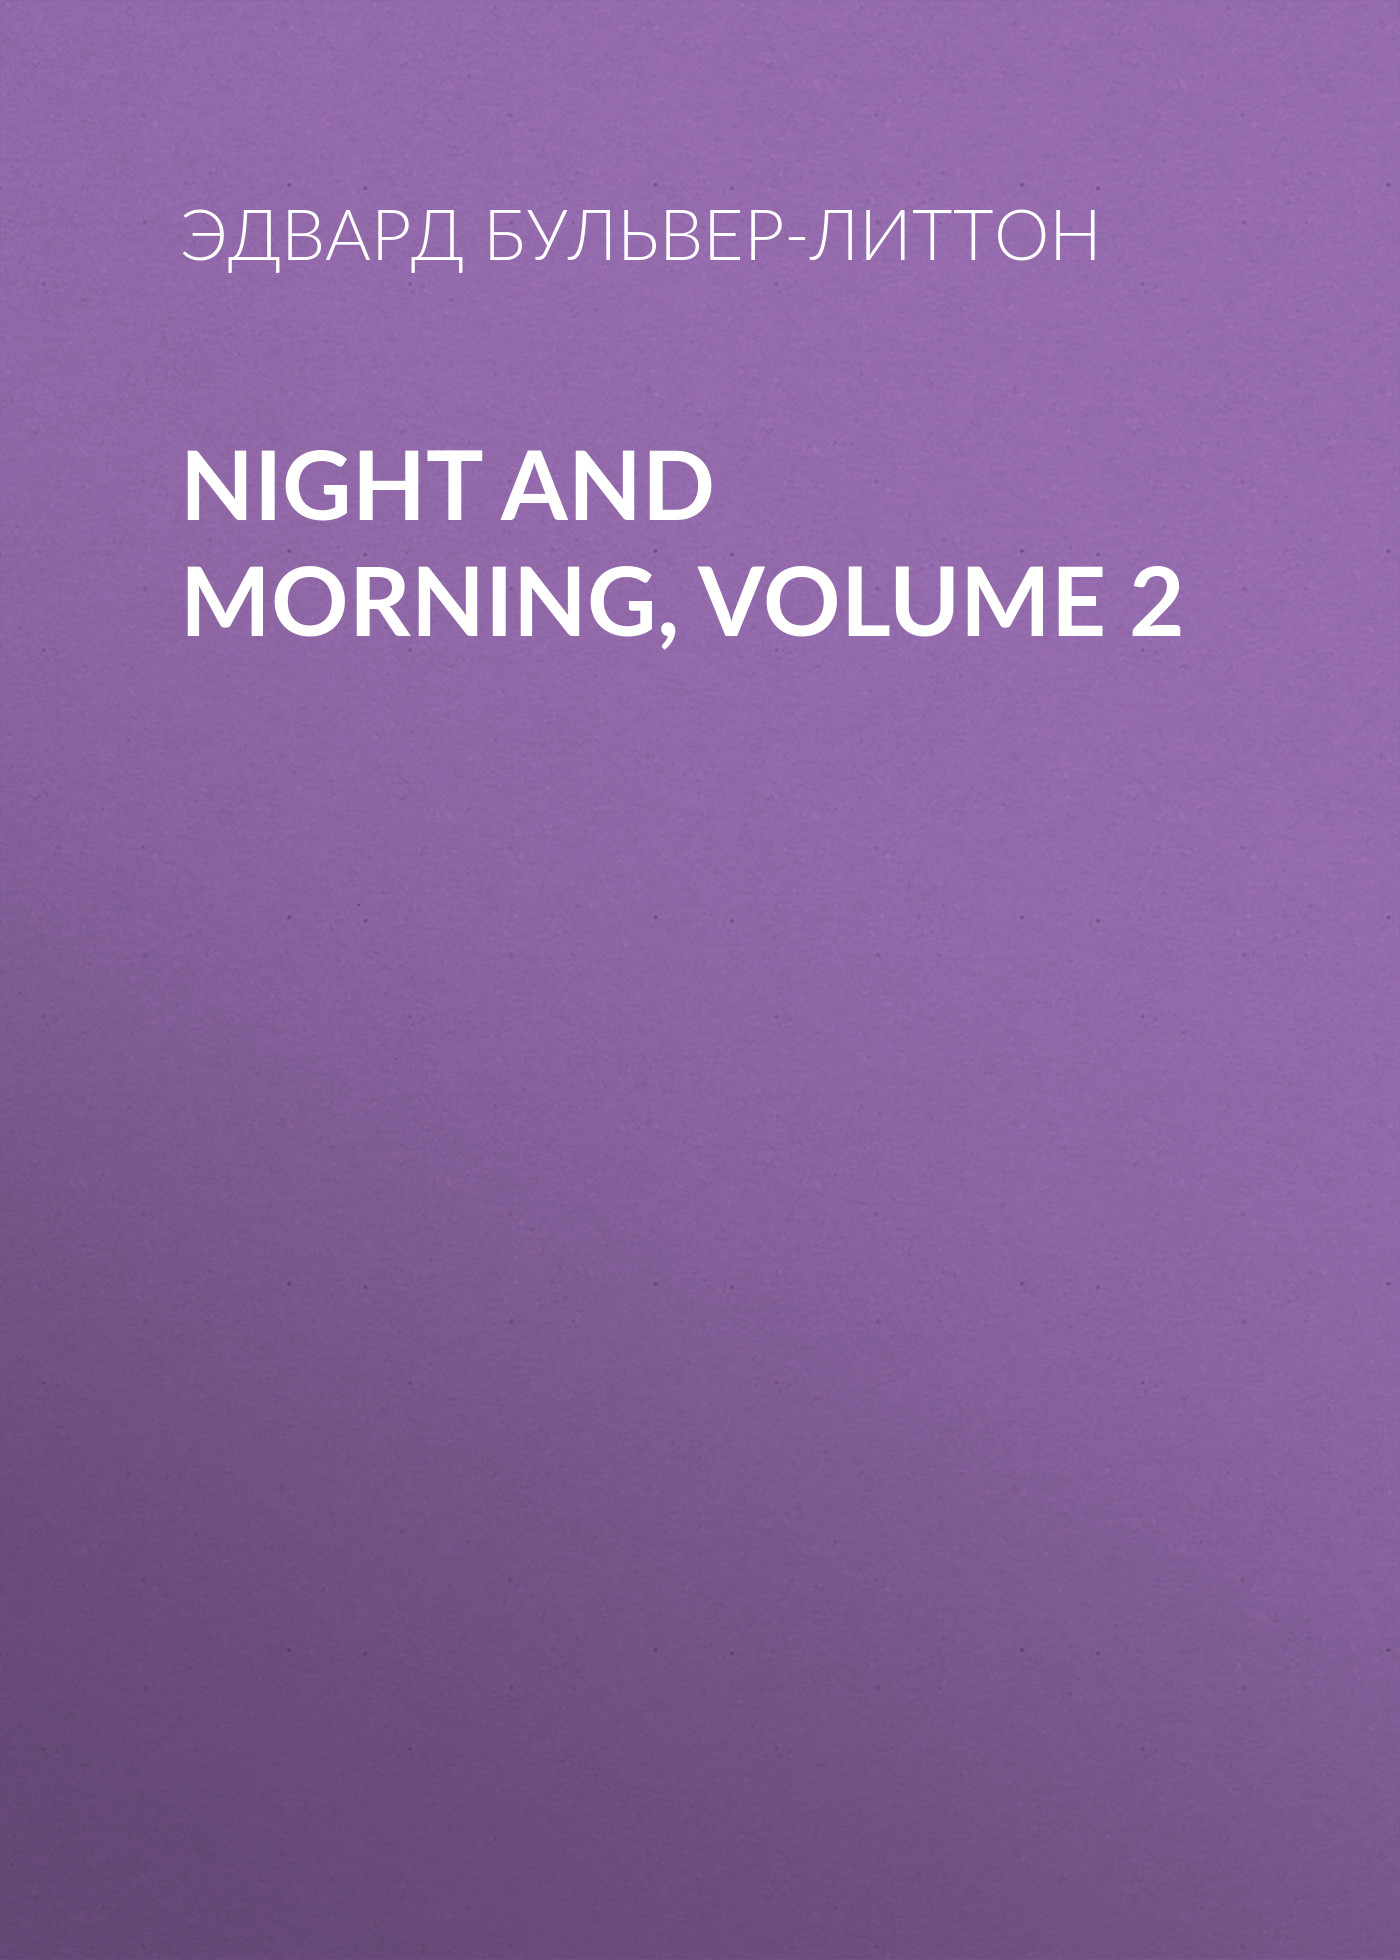 Эдвард Бульвер-Литтон Night and Morning, Volume 2 эдвард бульвер литтон godolphin volume 2